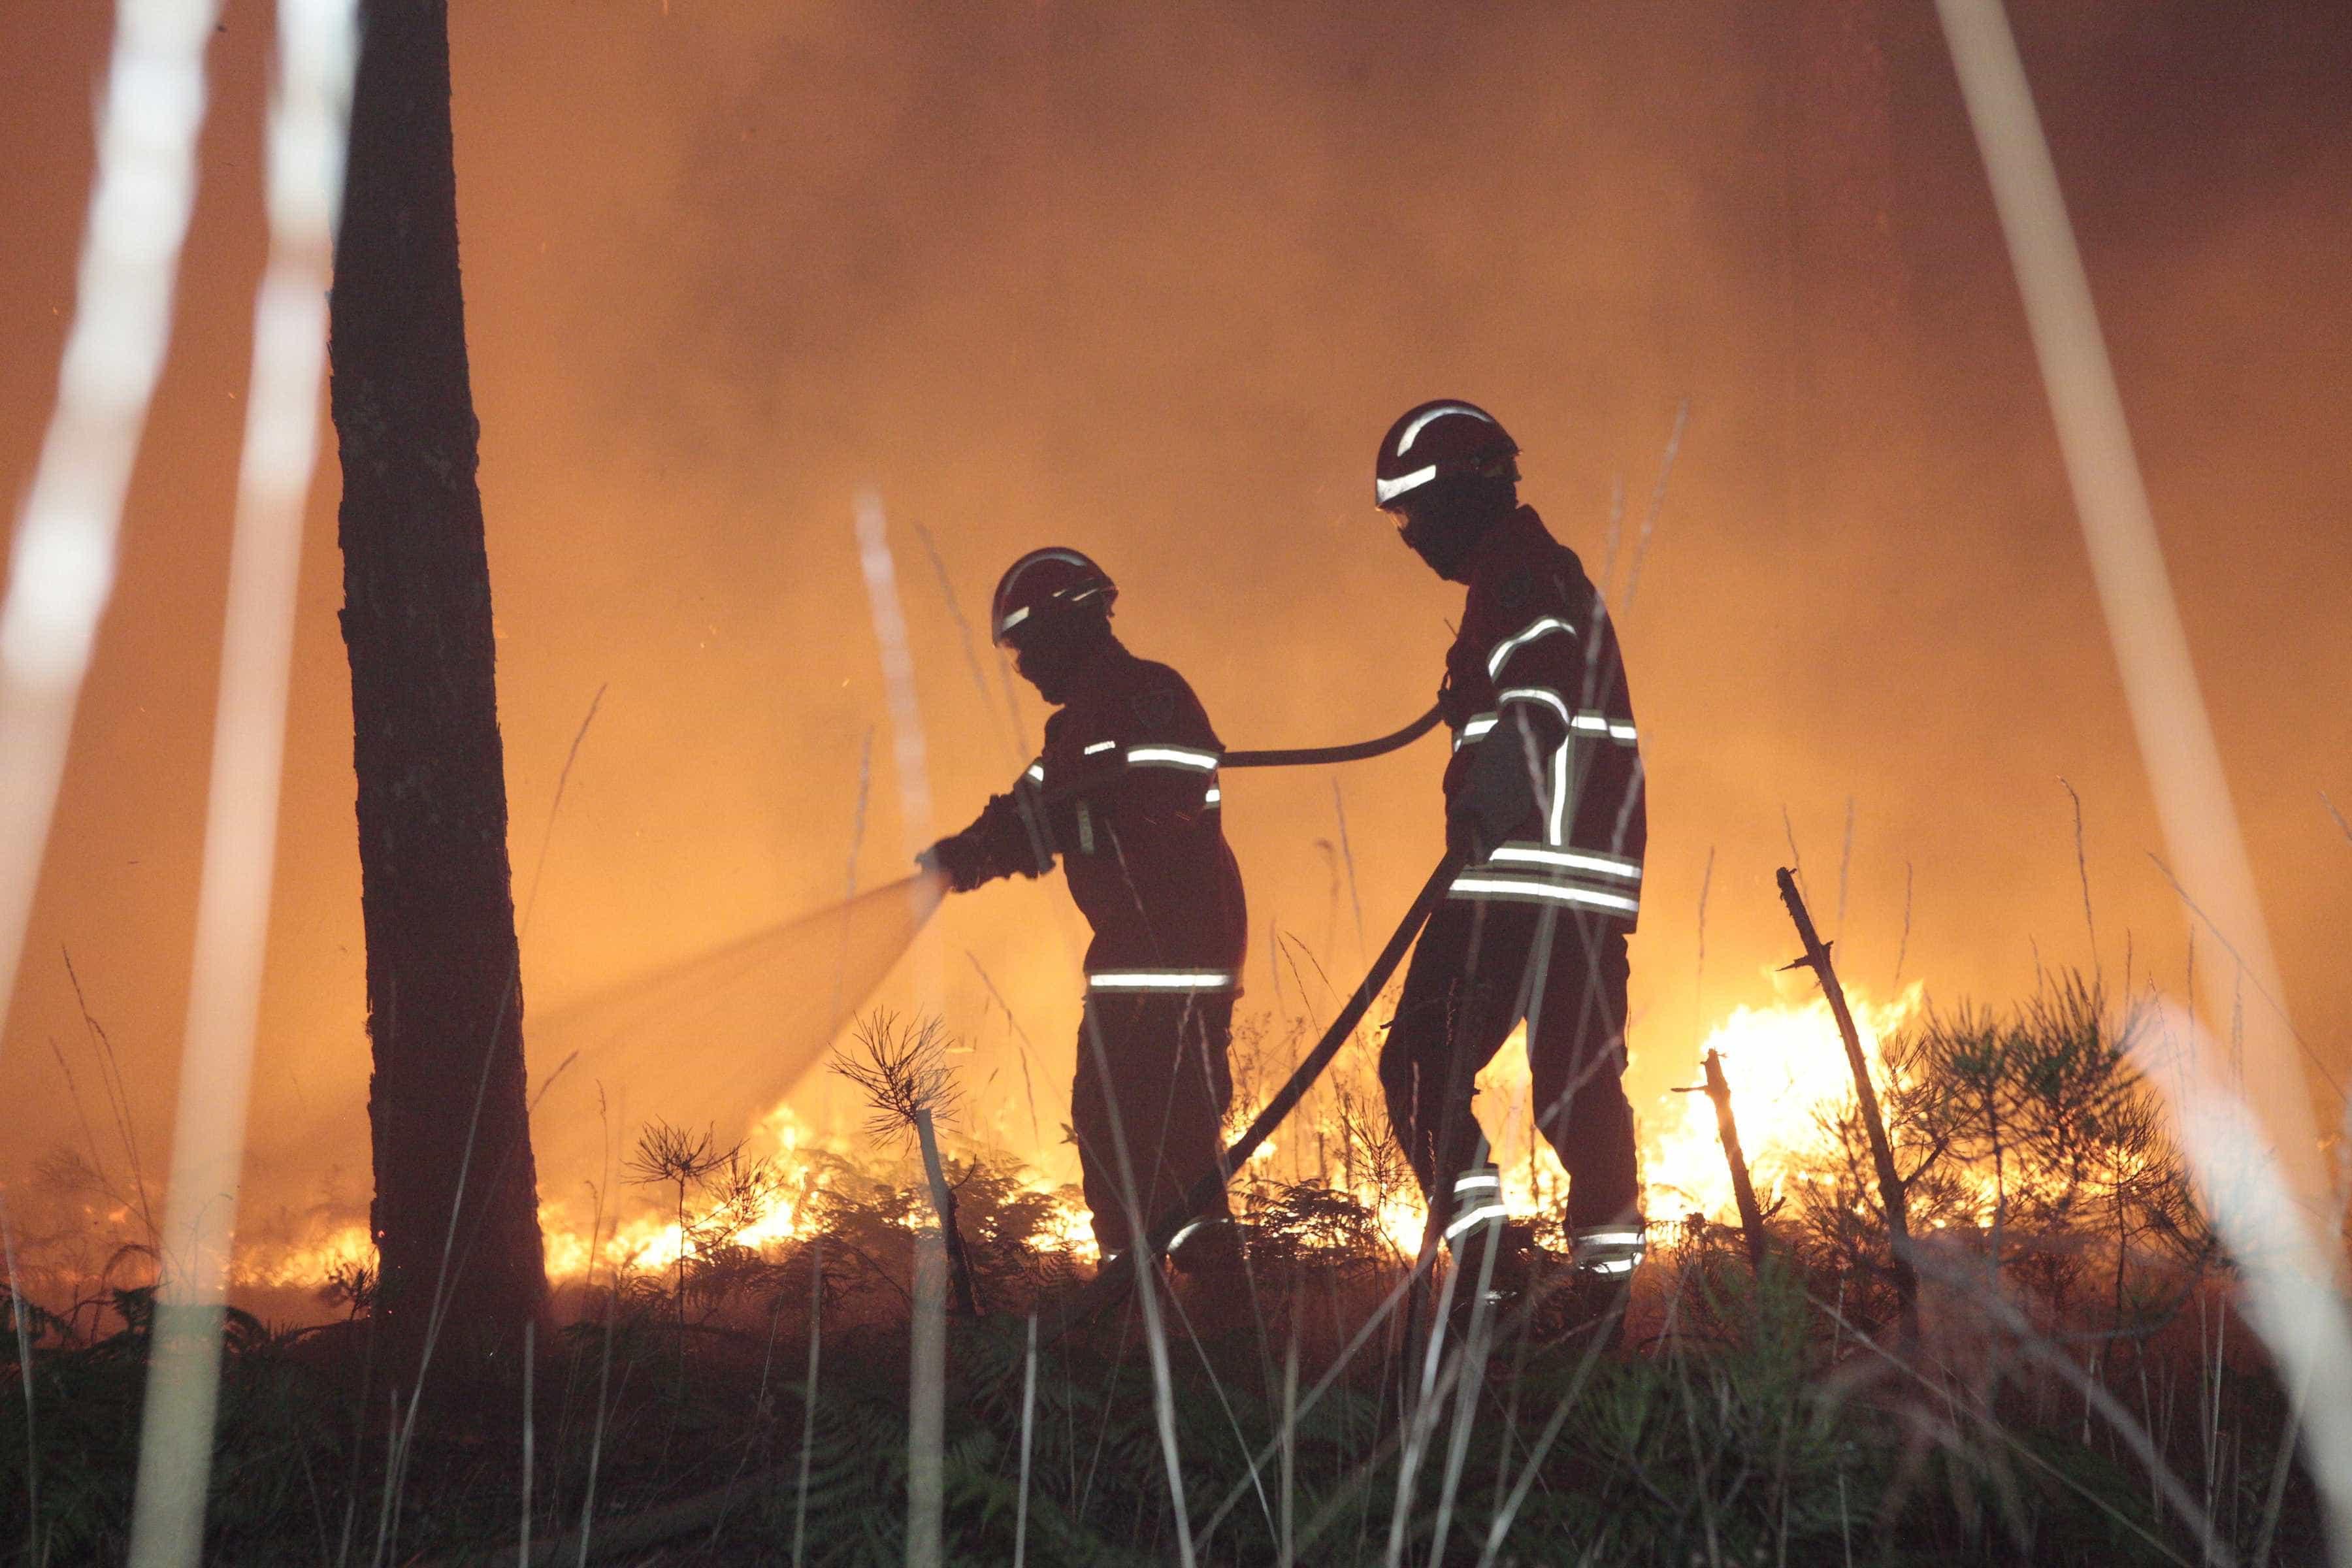 Governo declara alerta nacional perante risco de incêndio até domingo